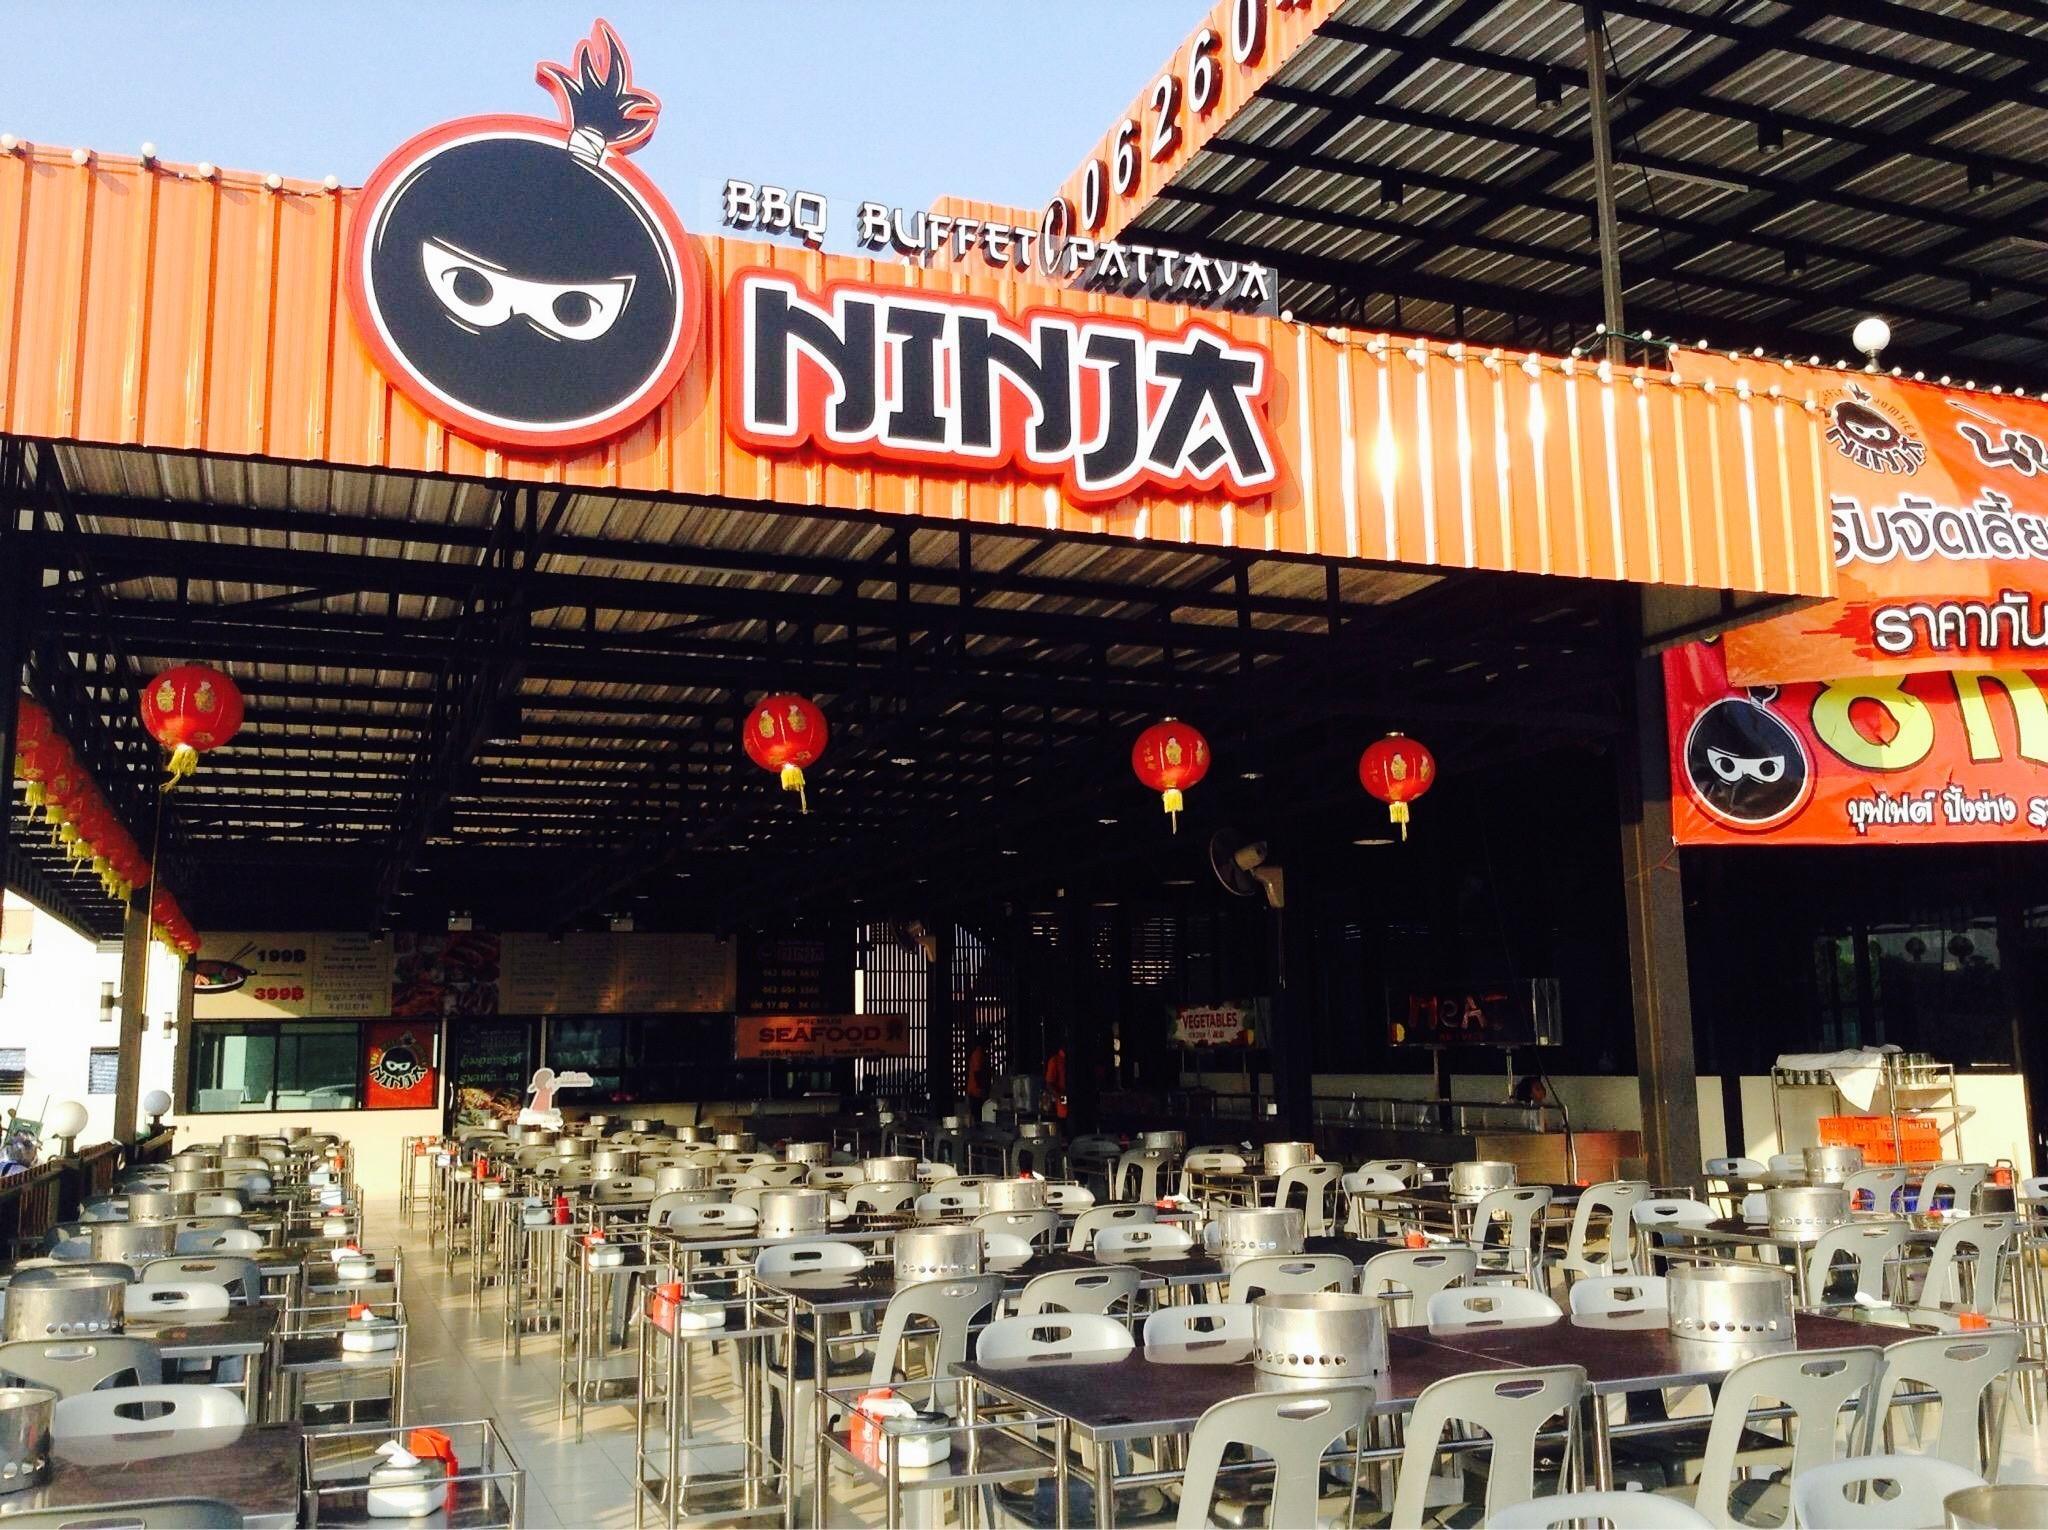 Буфет ниндзя (Ninja bbq buffet) на Джомтьене